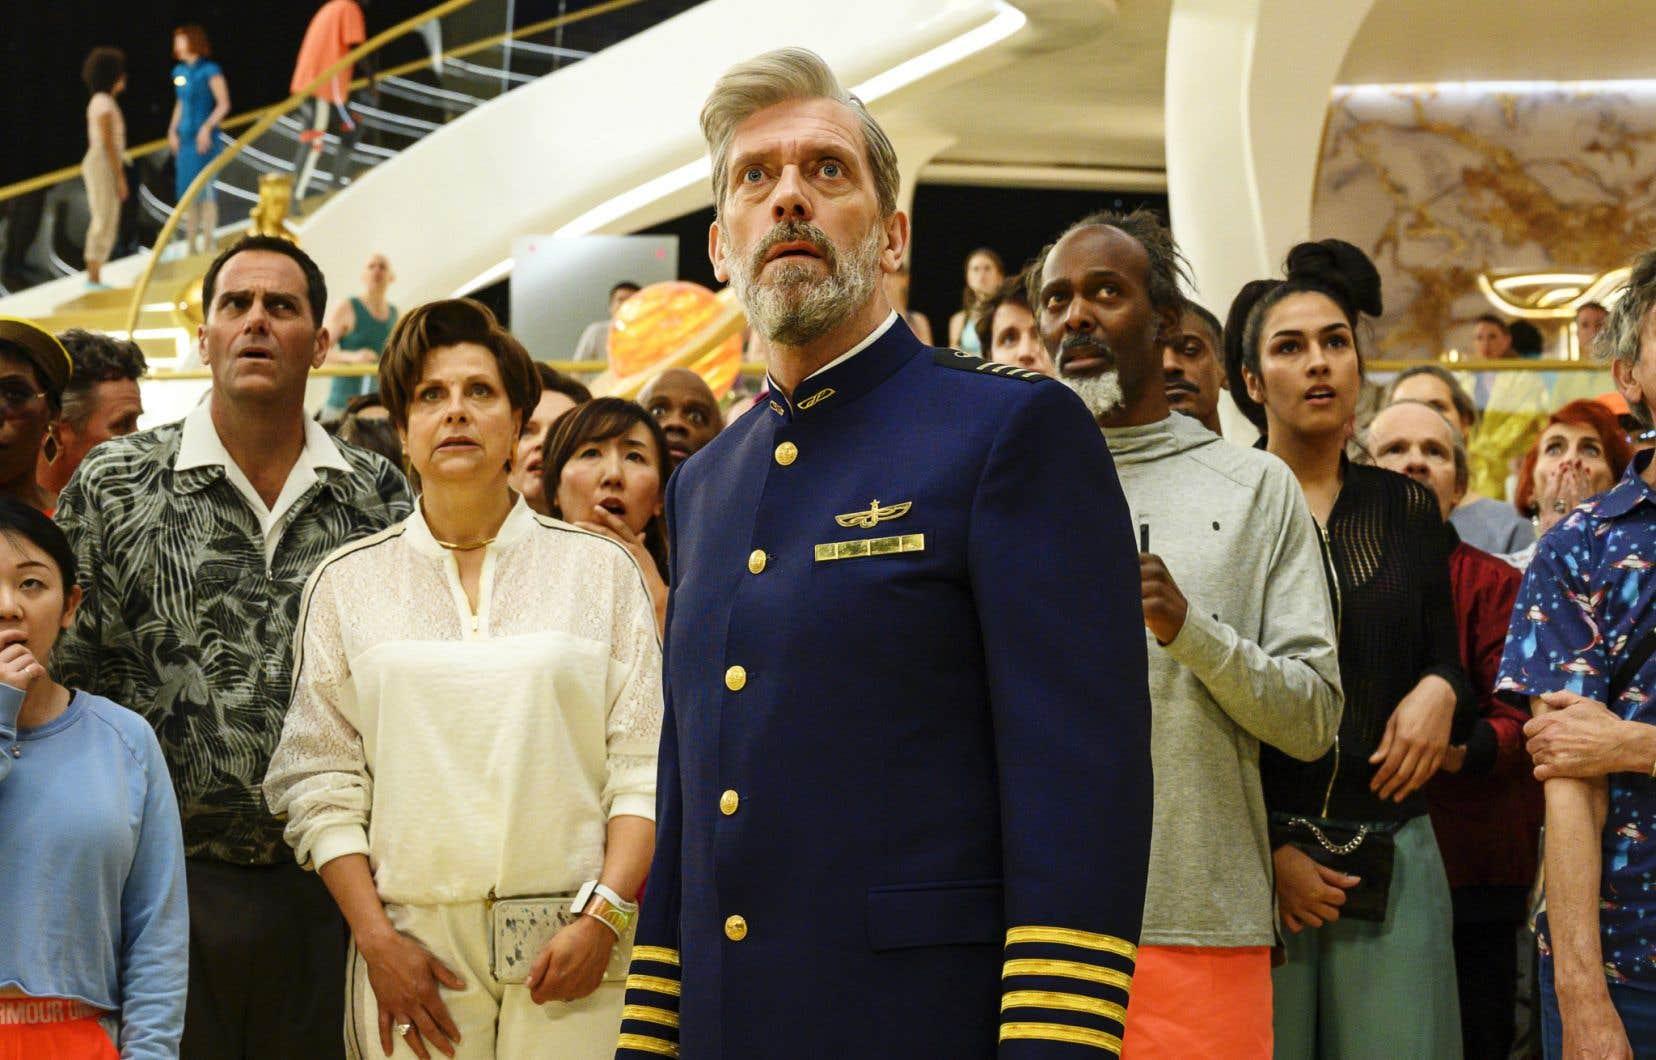 L'excellent acteur anglais Hugh Laurie revient ici dans une prestation de premier plan.